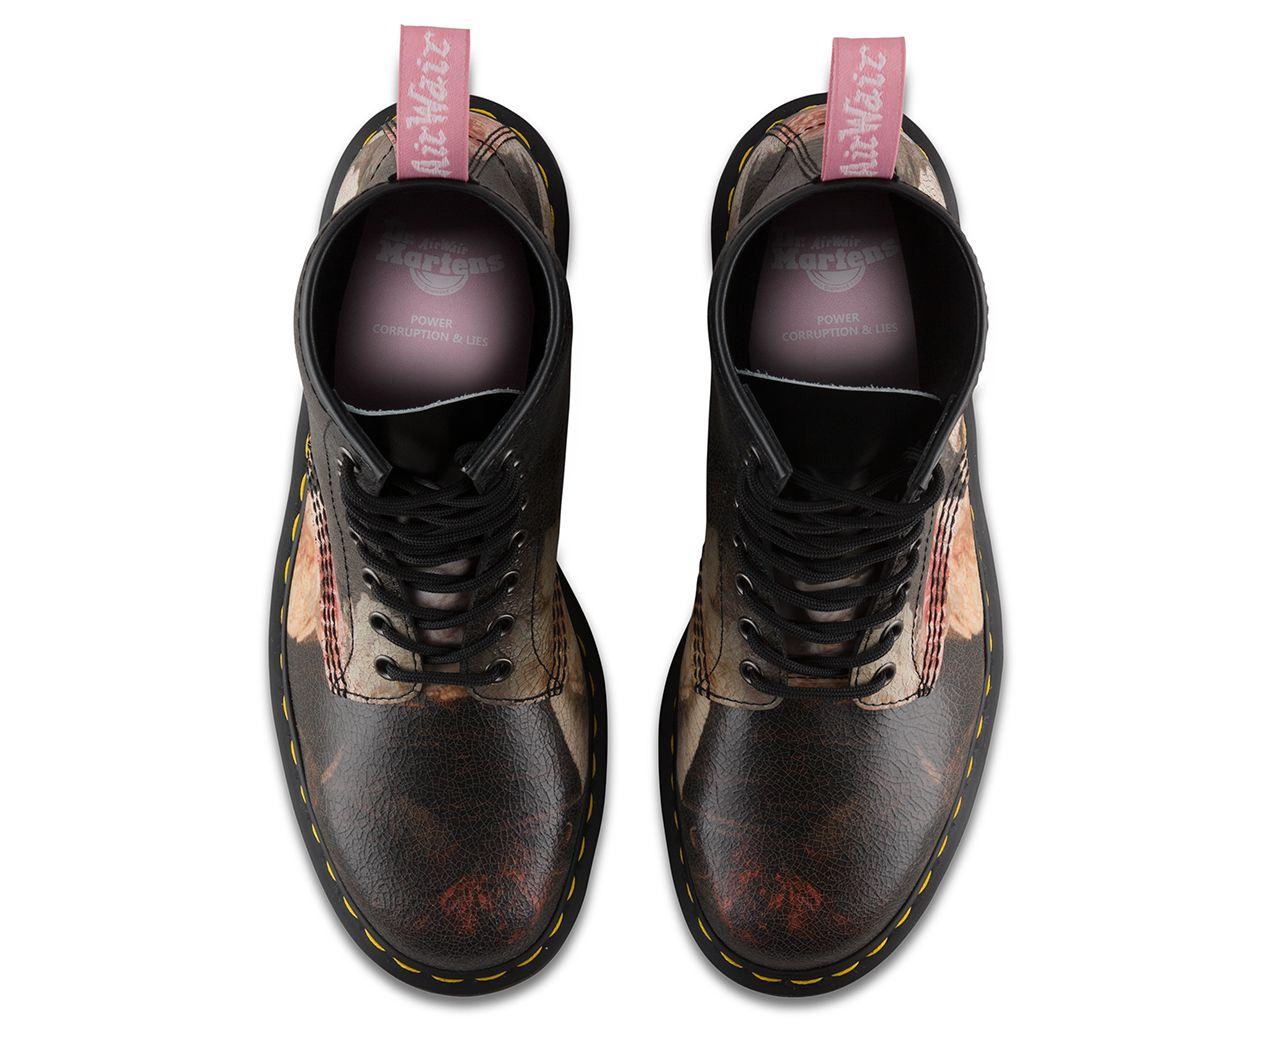 Dr Martens 1460 Power Corruption Lies Boots Combat Boots